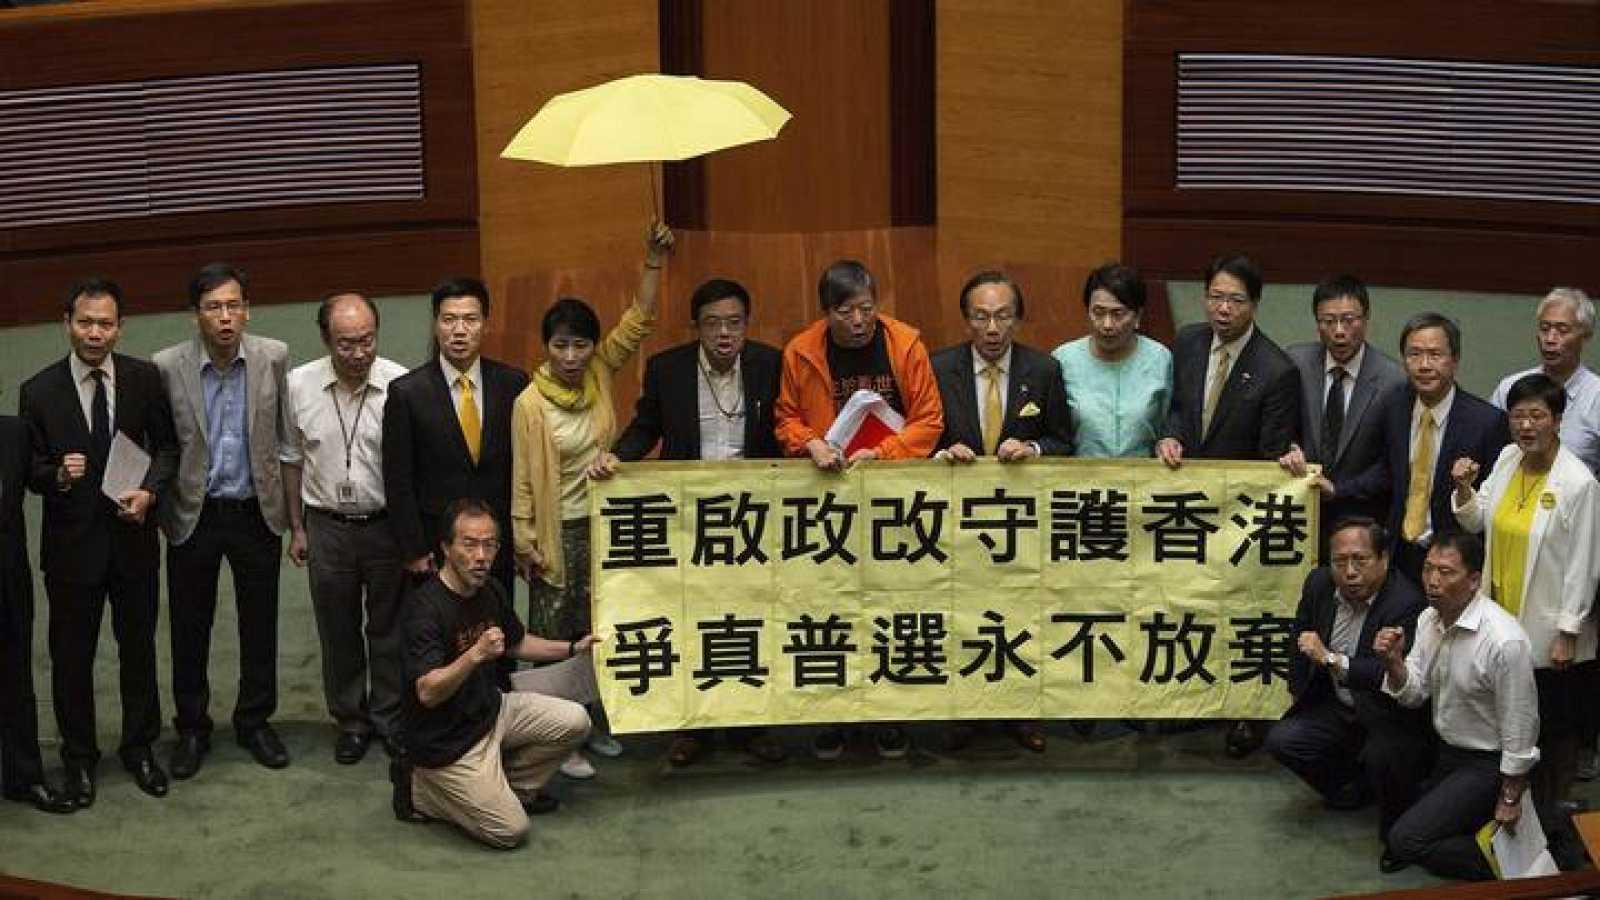 """Diputados demócratas de Hong Kong (en el centro, Lee Cheuk-yan), con una pancarta a favor del """"sufragio de democracia real"""" tras la votación en el Consejo Legislativo que ha rechazado la reforma propuesta por China"""